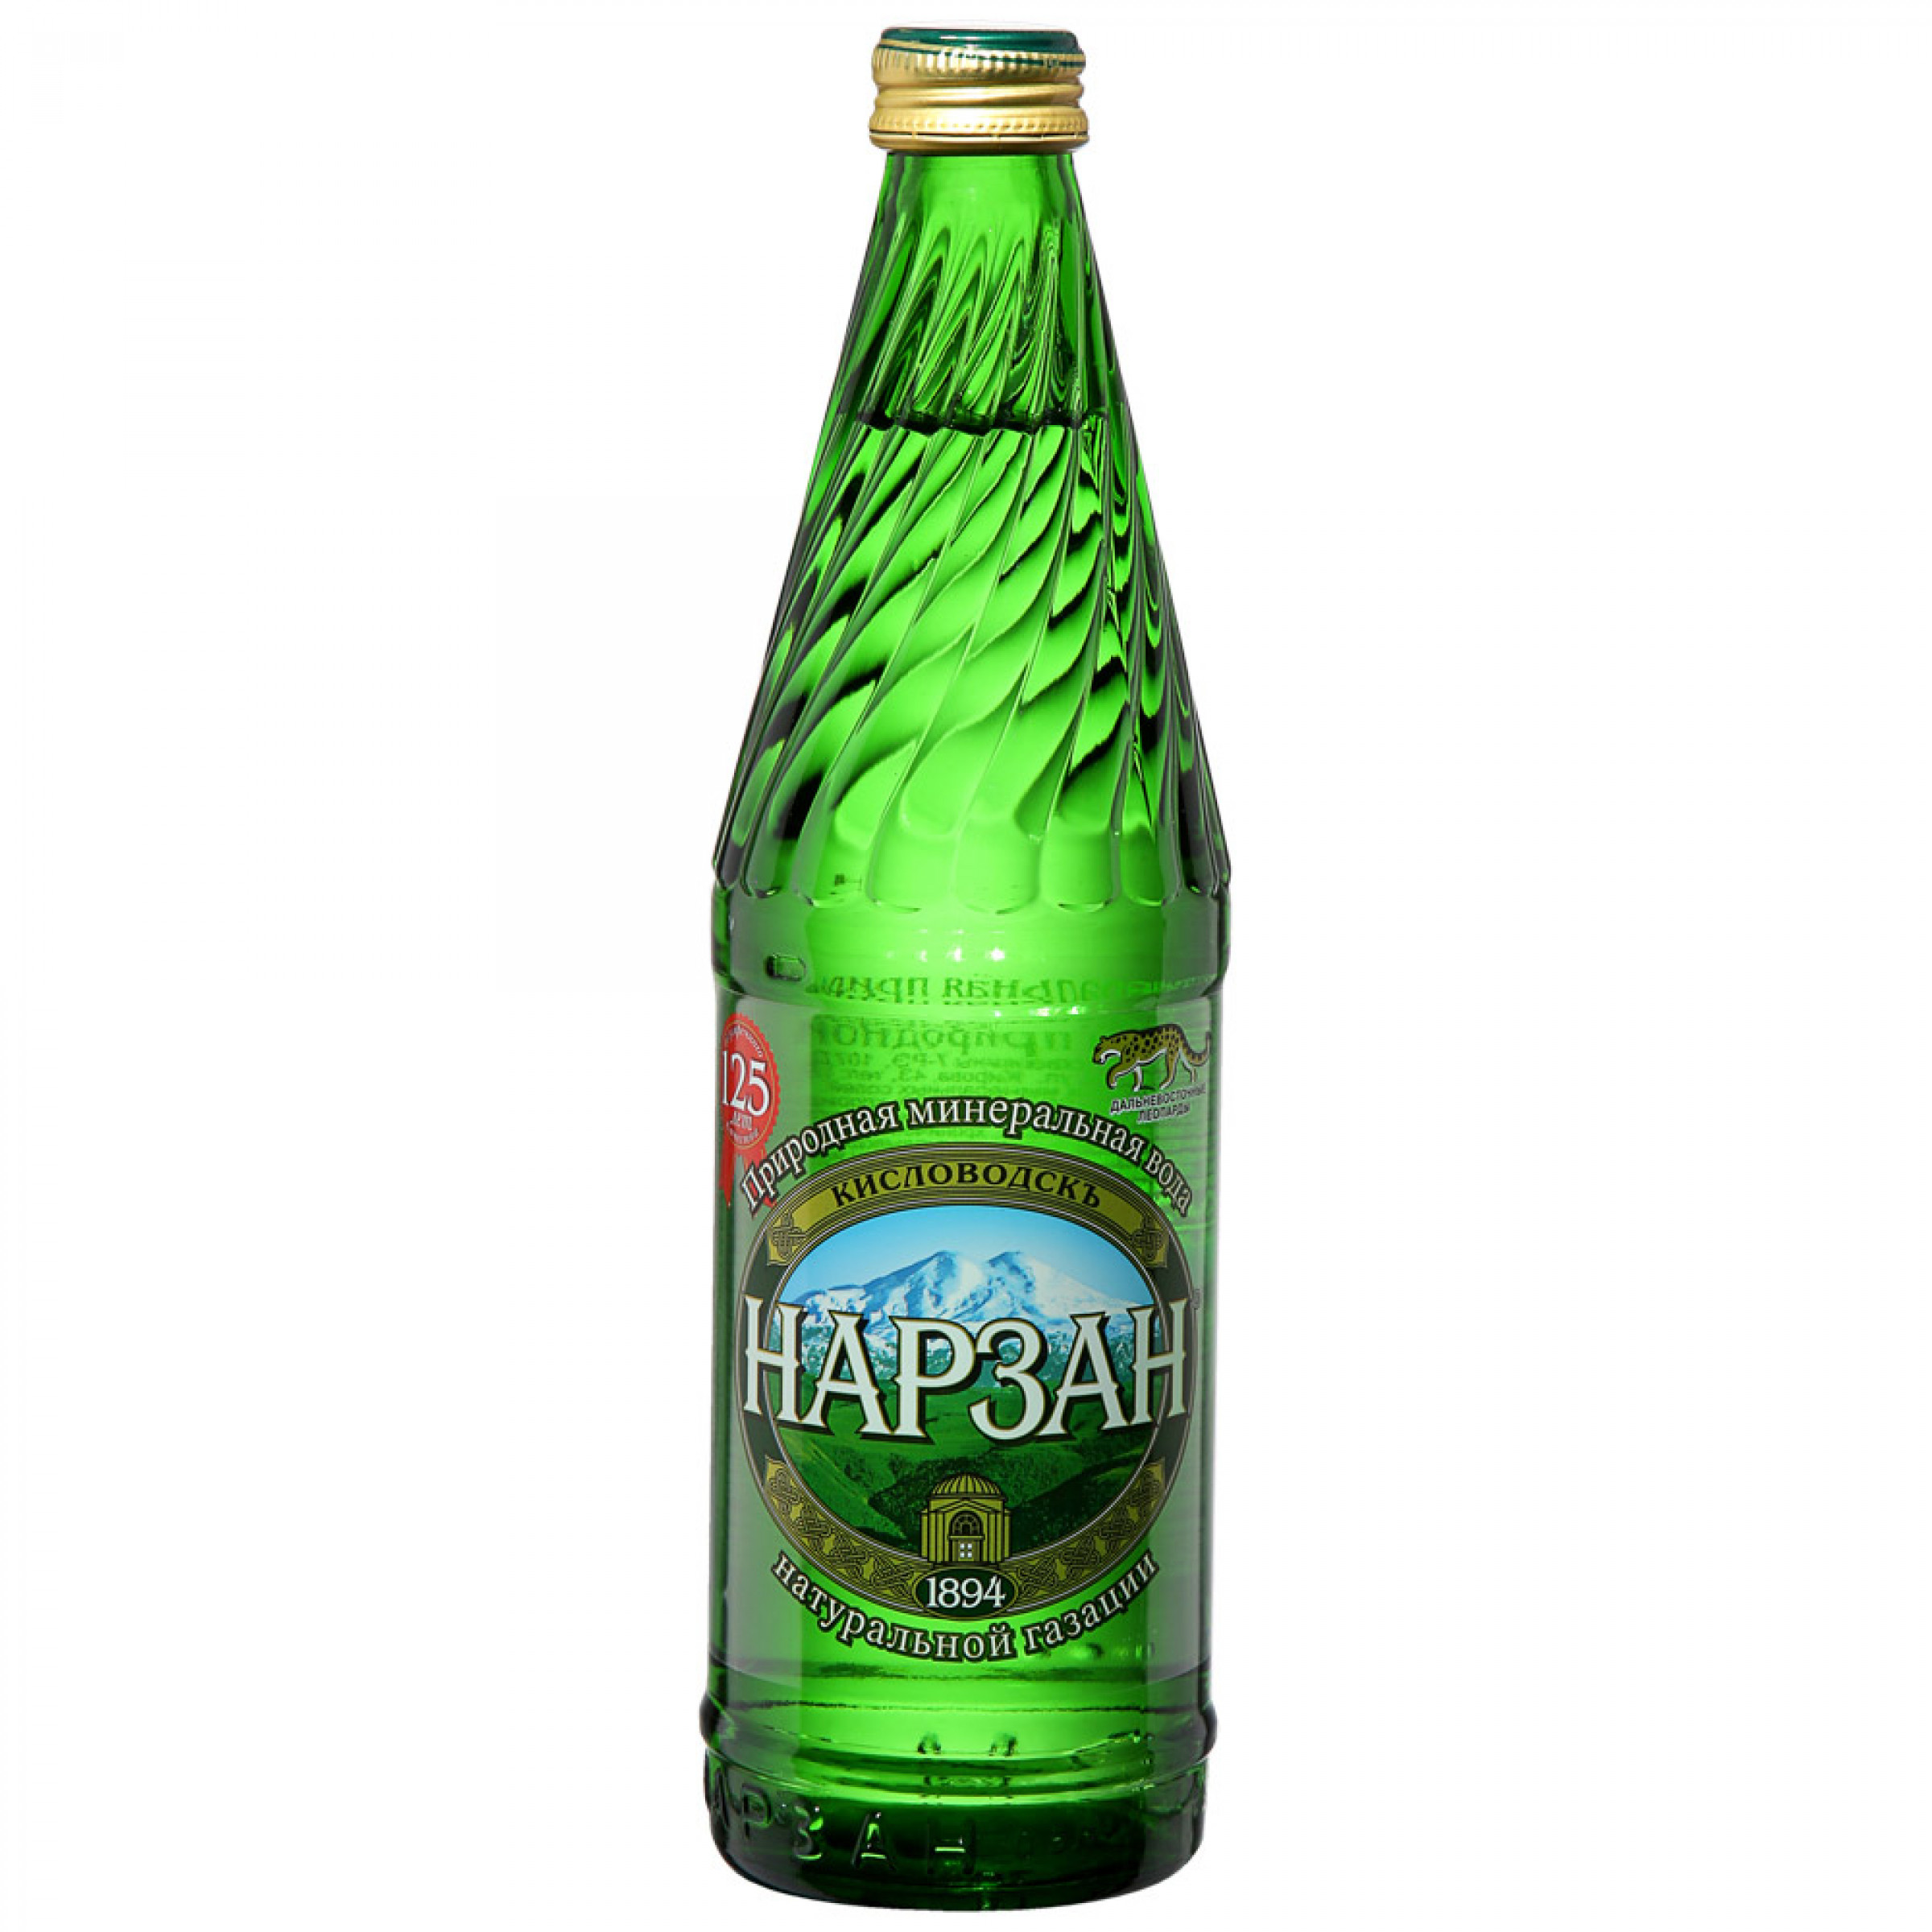 Вода минеральная газированная Нарзан, 500 мл